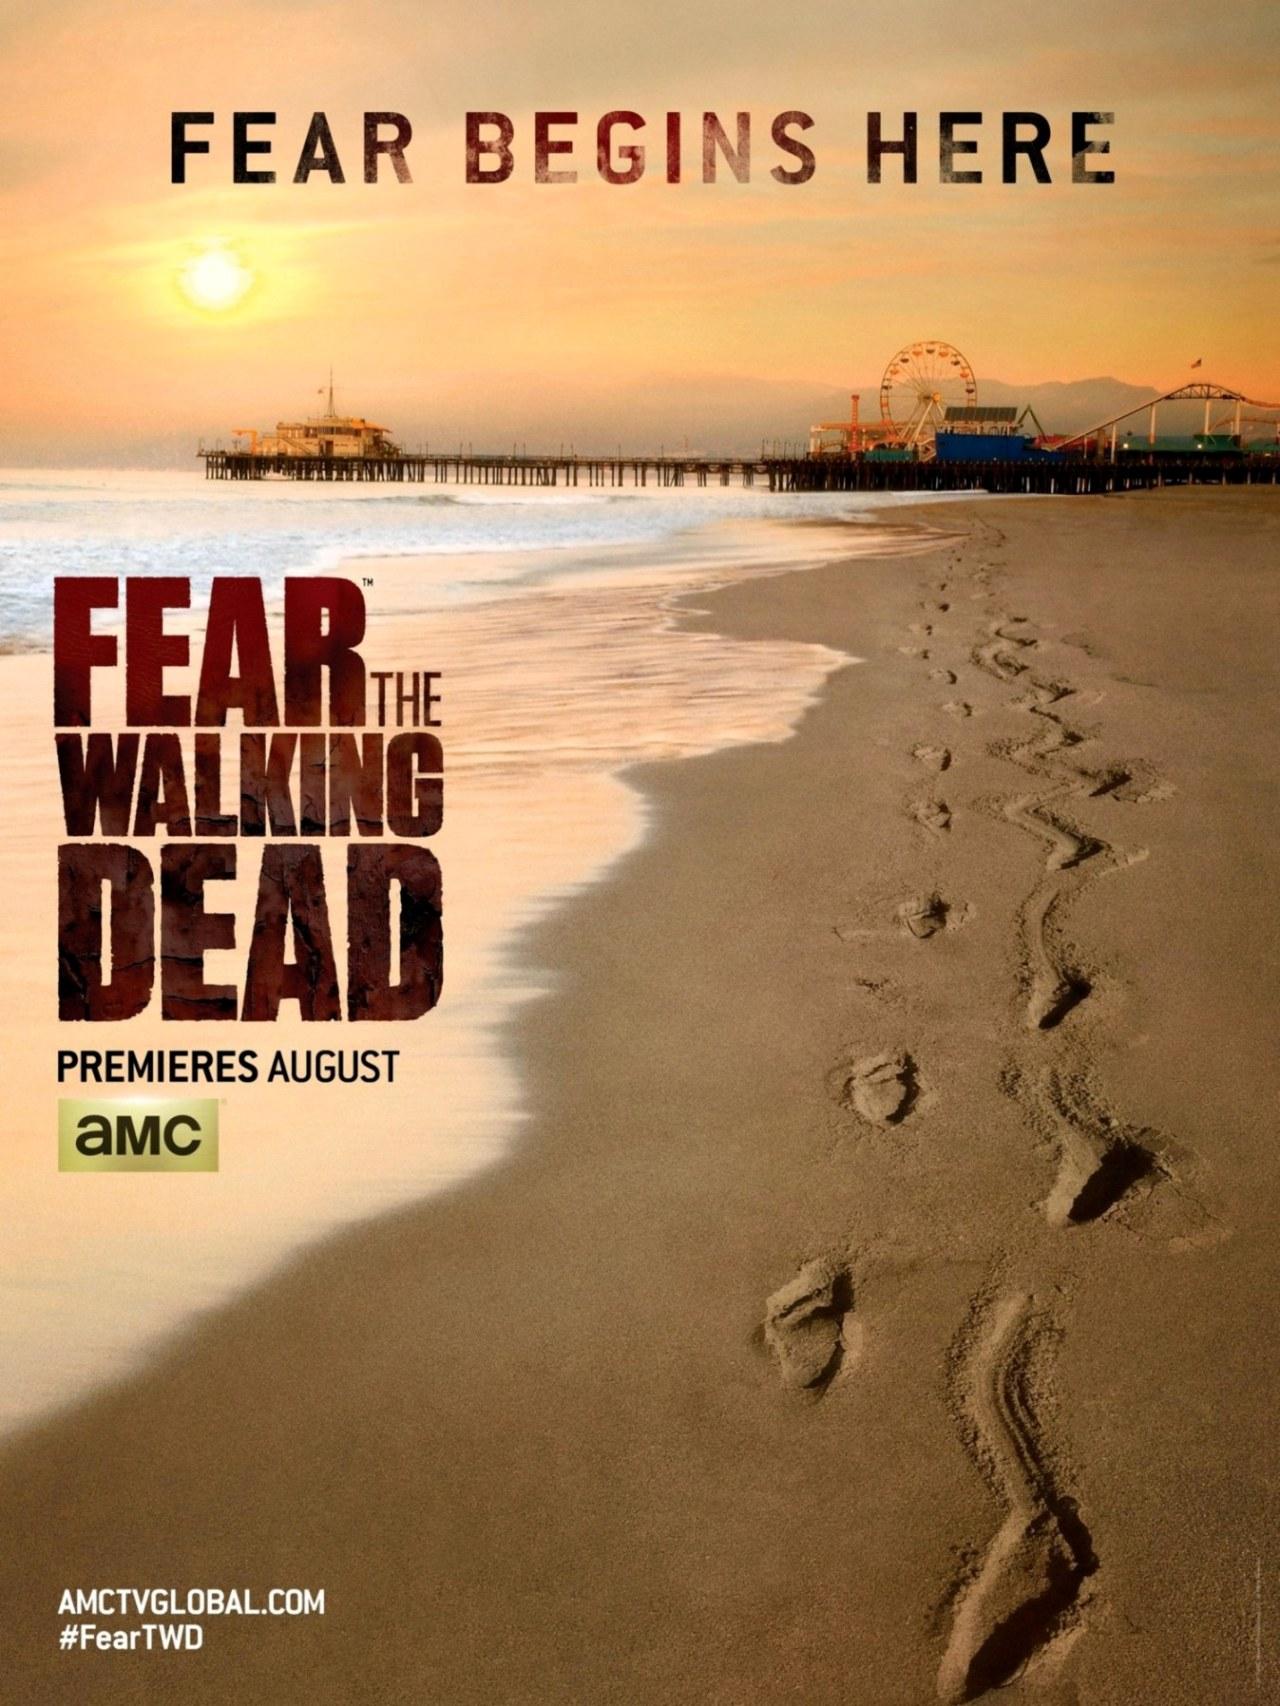 FEAR THE WALKING DEAD VA AVEA PREMIERA PE 24 AUGUST, SIMULTAN CU PREMIERA DIN SUA